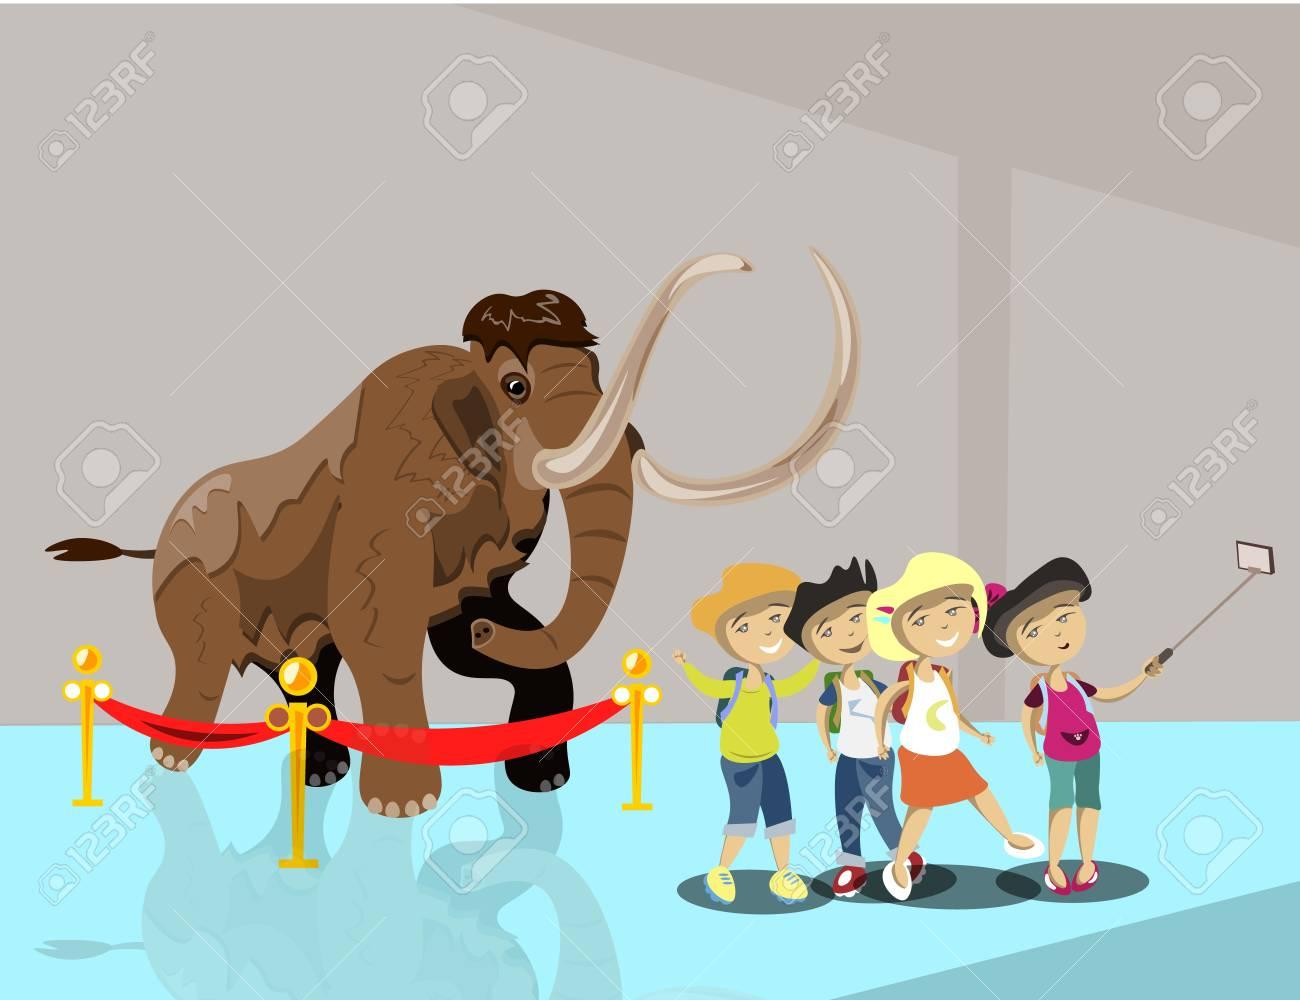 Kids in museum. Children make selfie - 93878043